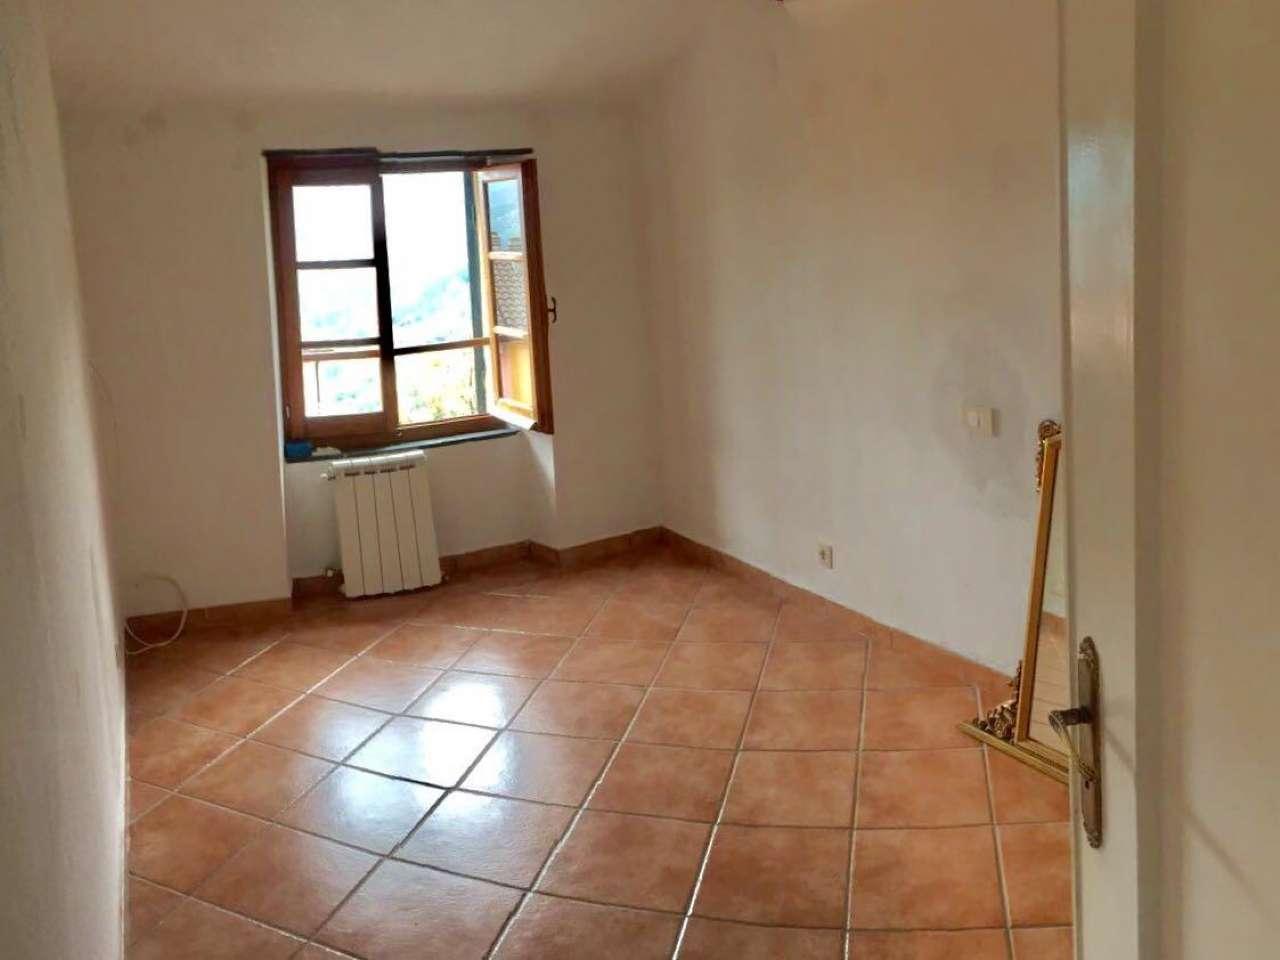 Appartamento in Vendita a Uscio: 5 locali, 85 mq